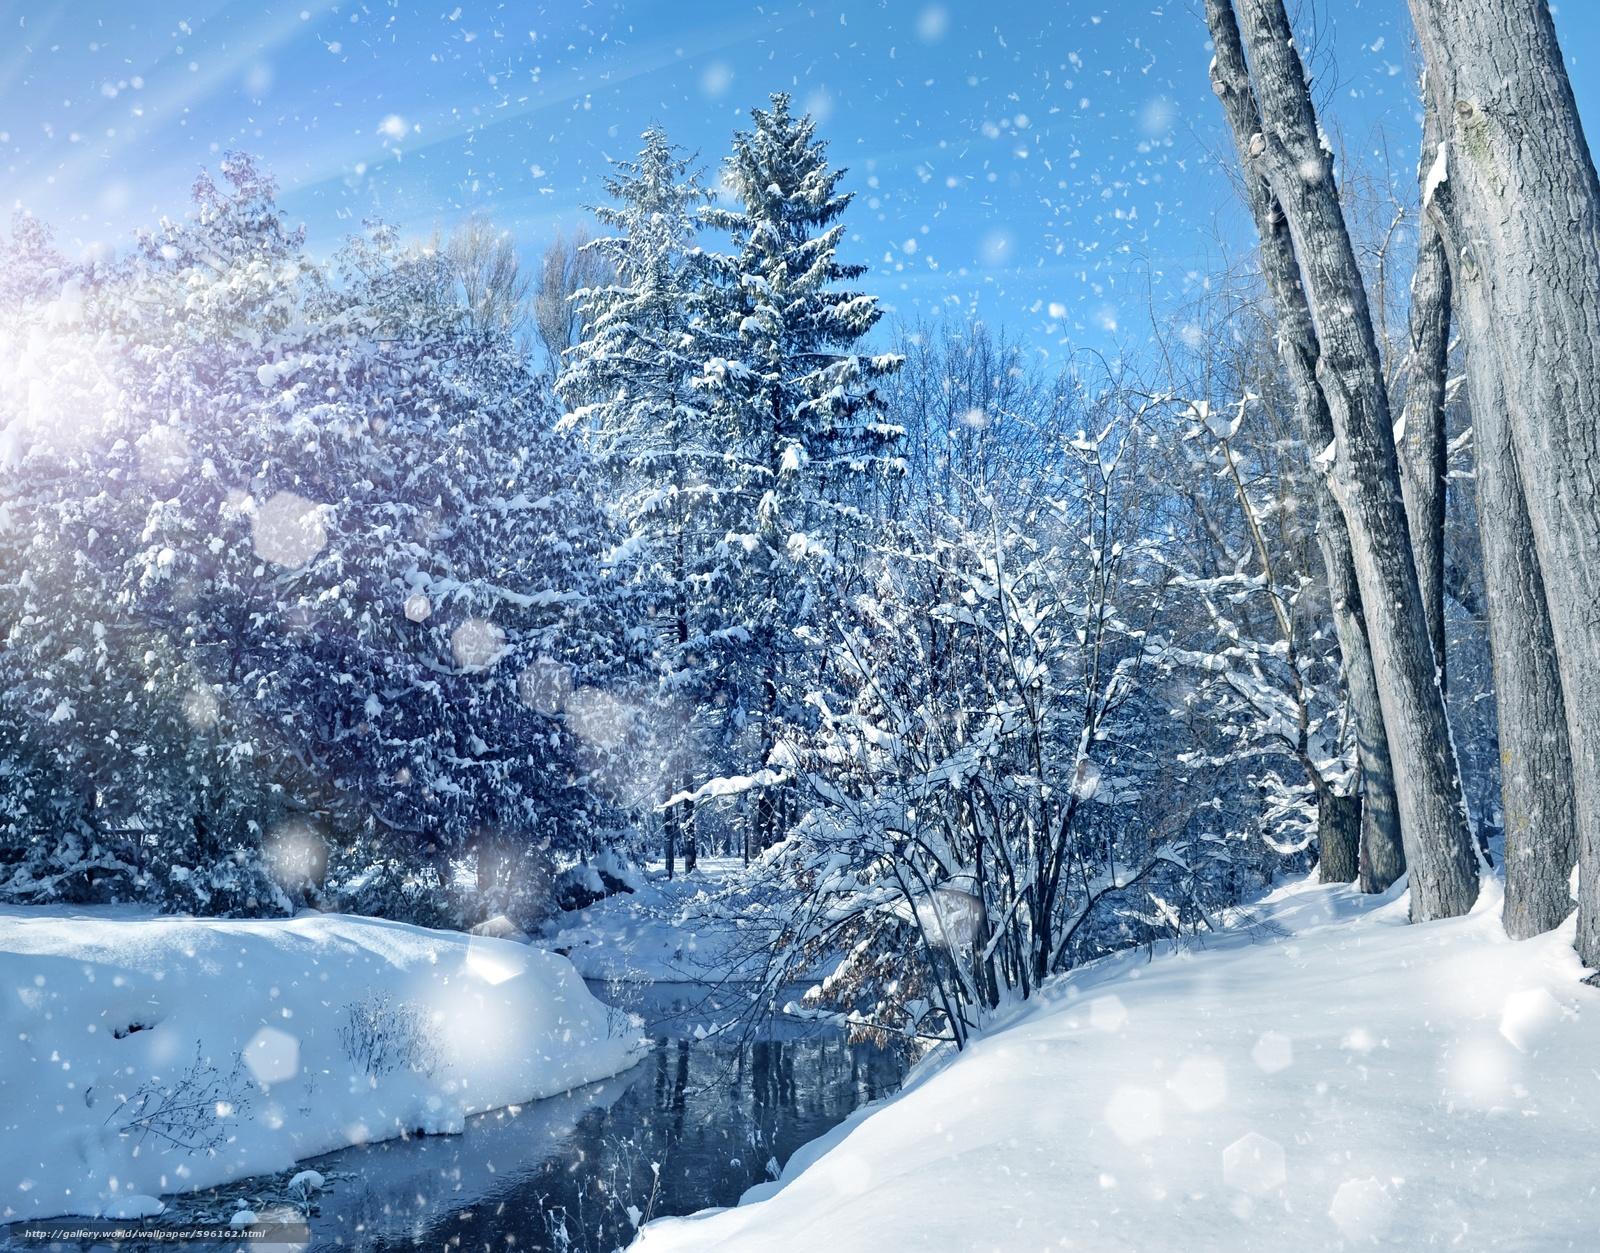 Scaricare gli sfondi inverno fiume alberi nevicata for Sfondi gratis desktop inverno